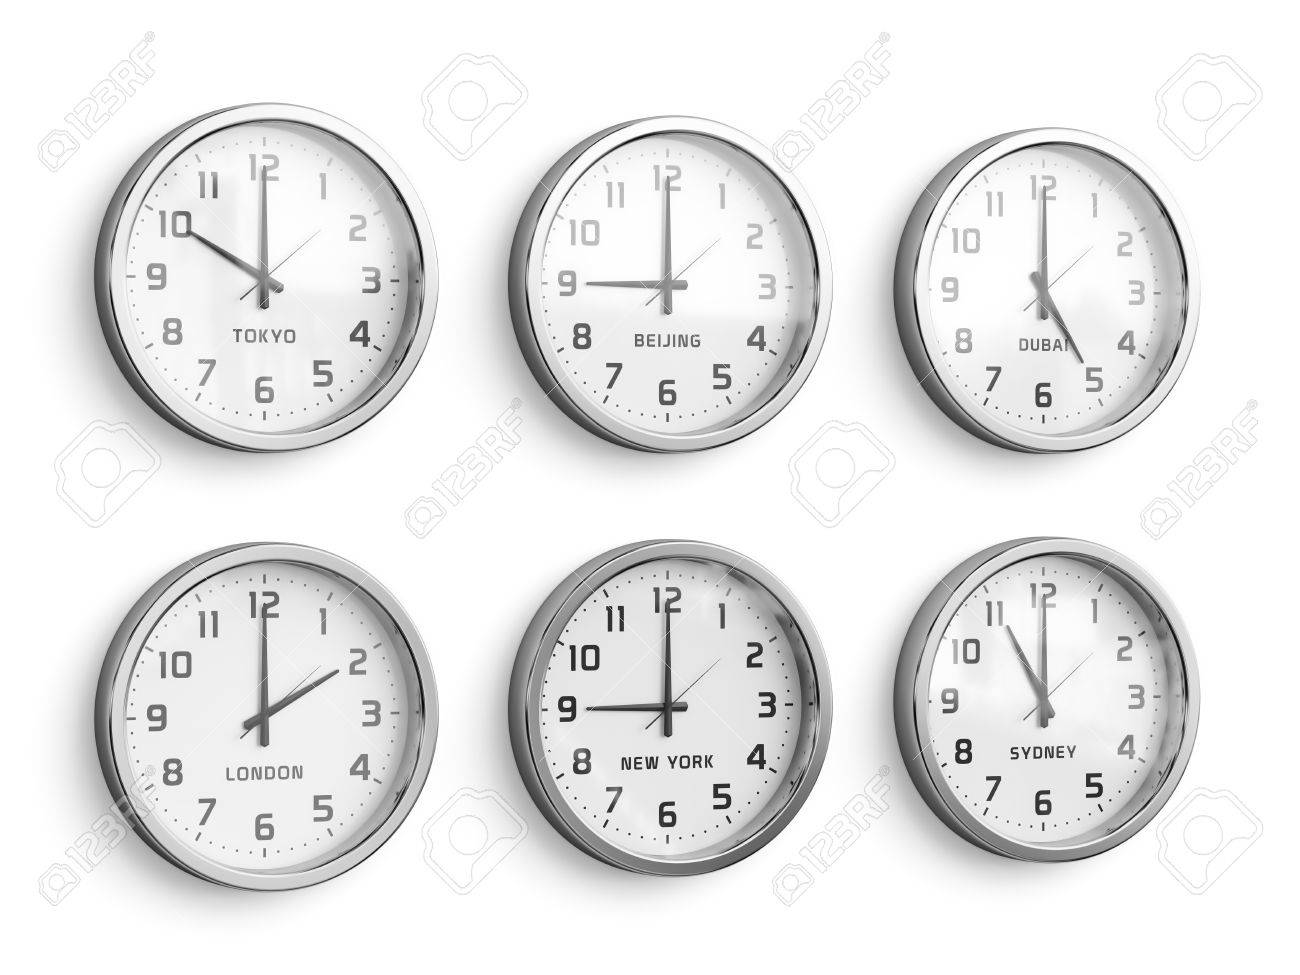 1c1cdb6323c Foto de archivo - Parede do tempo mundial. Relógios de fuso horário  mostrando tempo diferente isolado no fundo da parede branca.